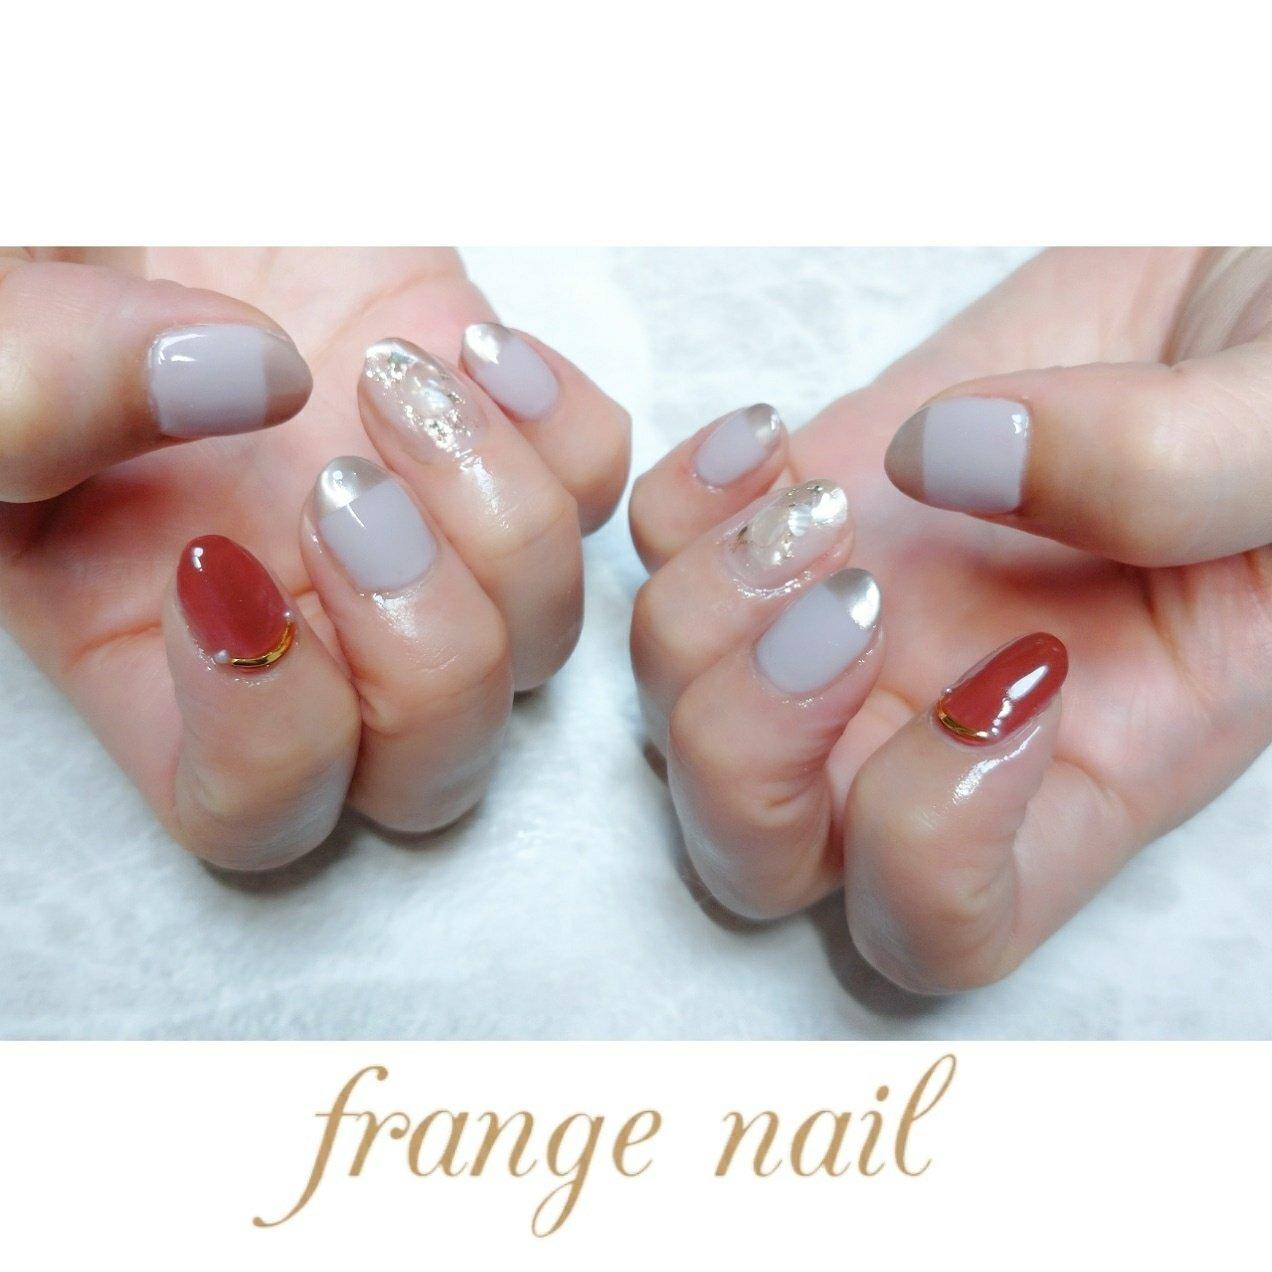 #ハンド #ニュアンス #ピンク #ブラウン #ジェル #お客様 #frange nail #ネイルブック